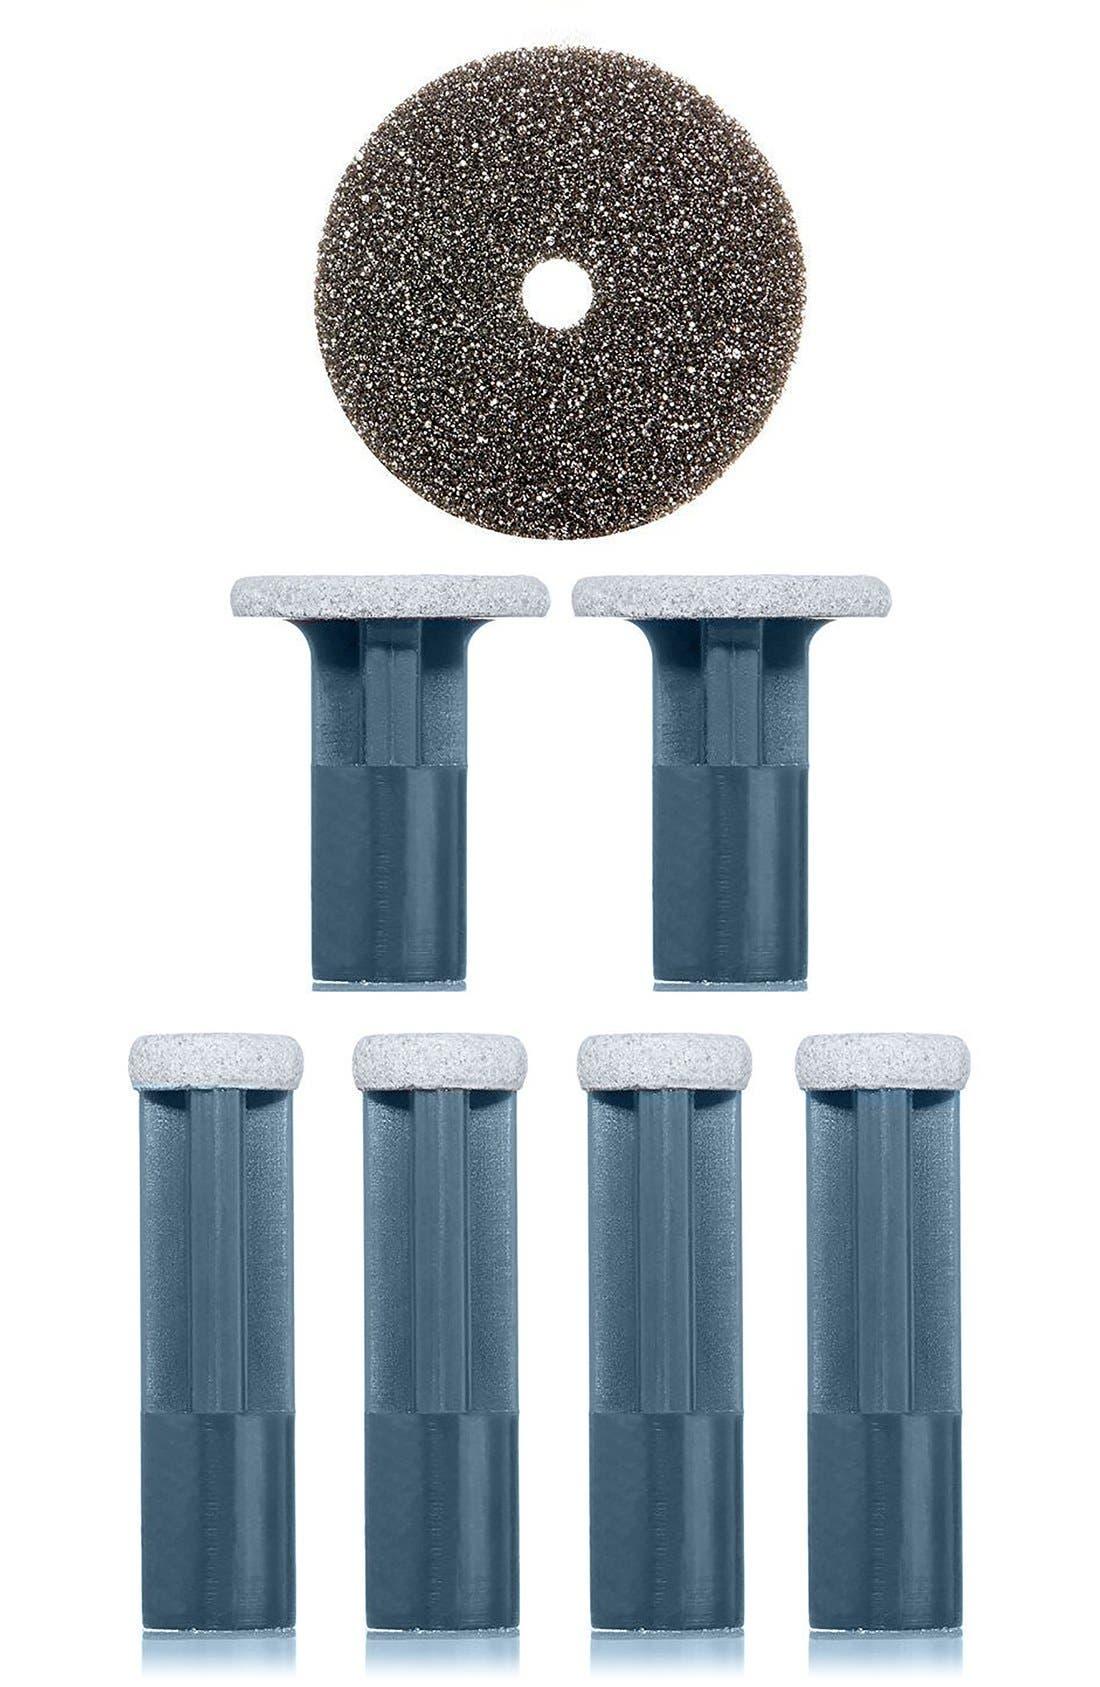 Blue Sensitive Replacement Discs,                             Main thumbnail 1, color,                             000